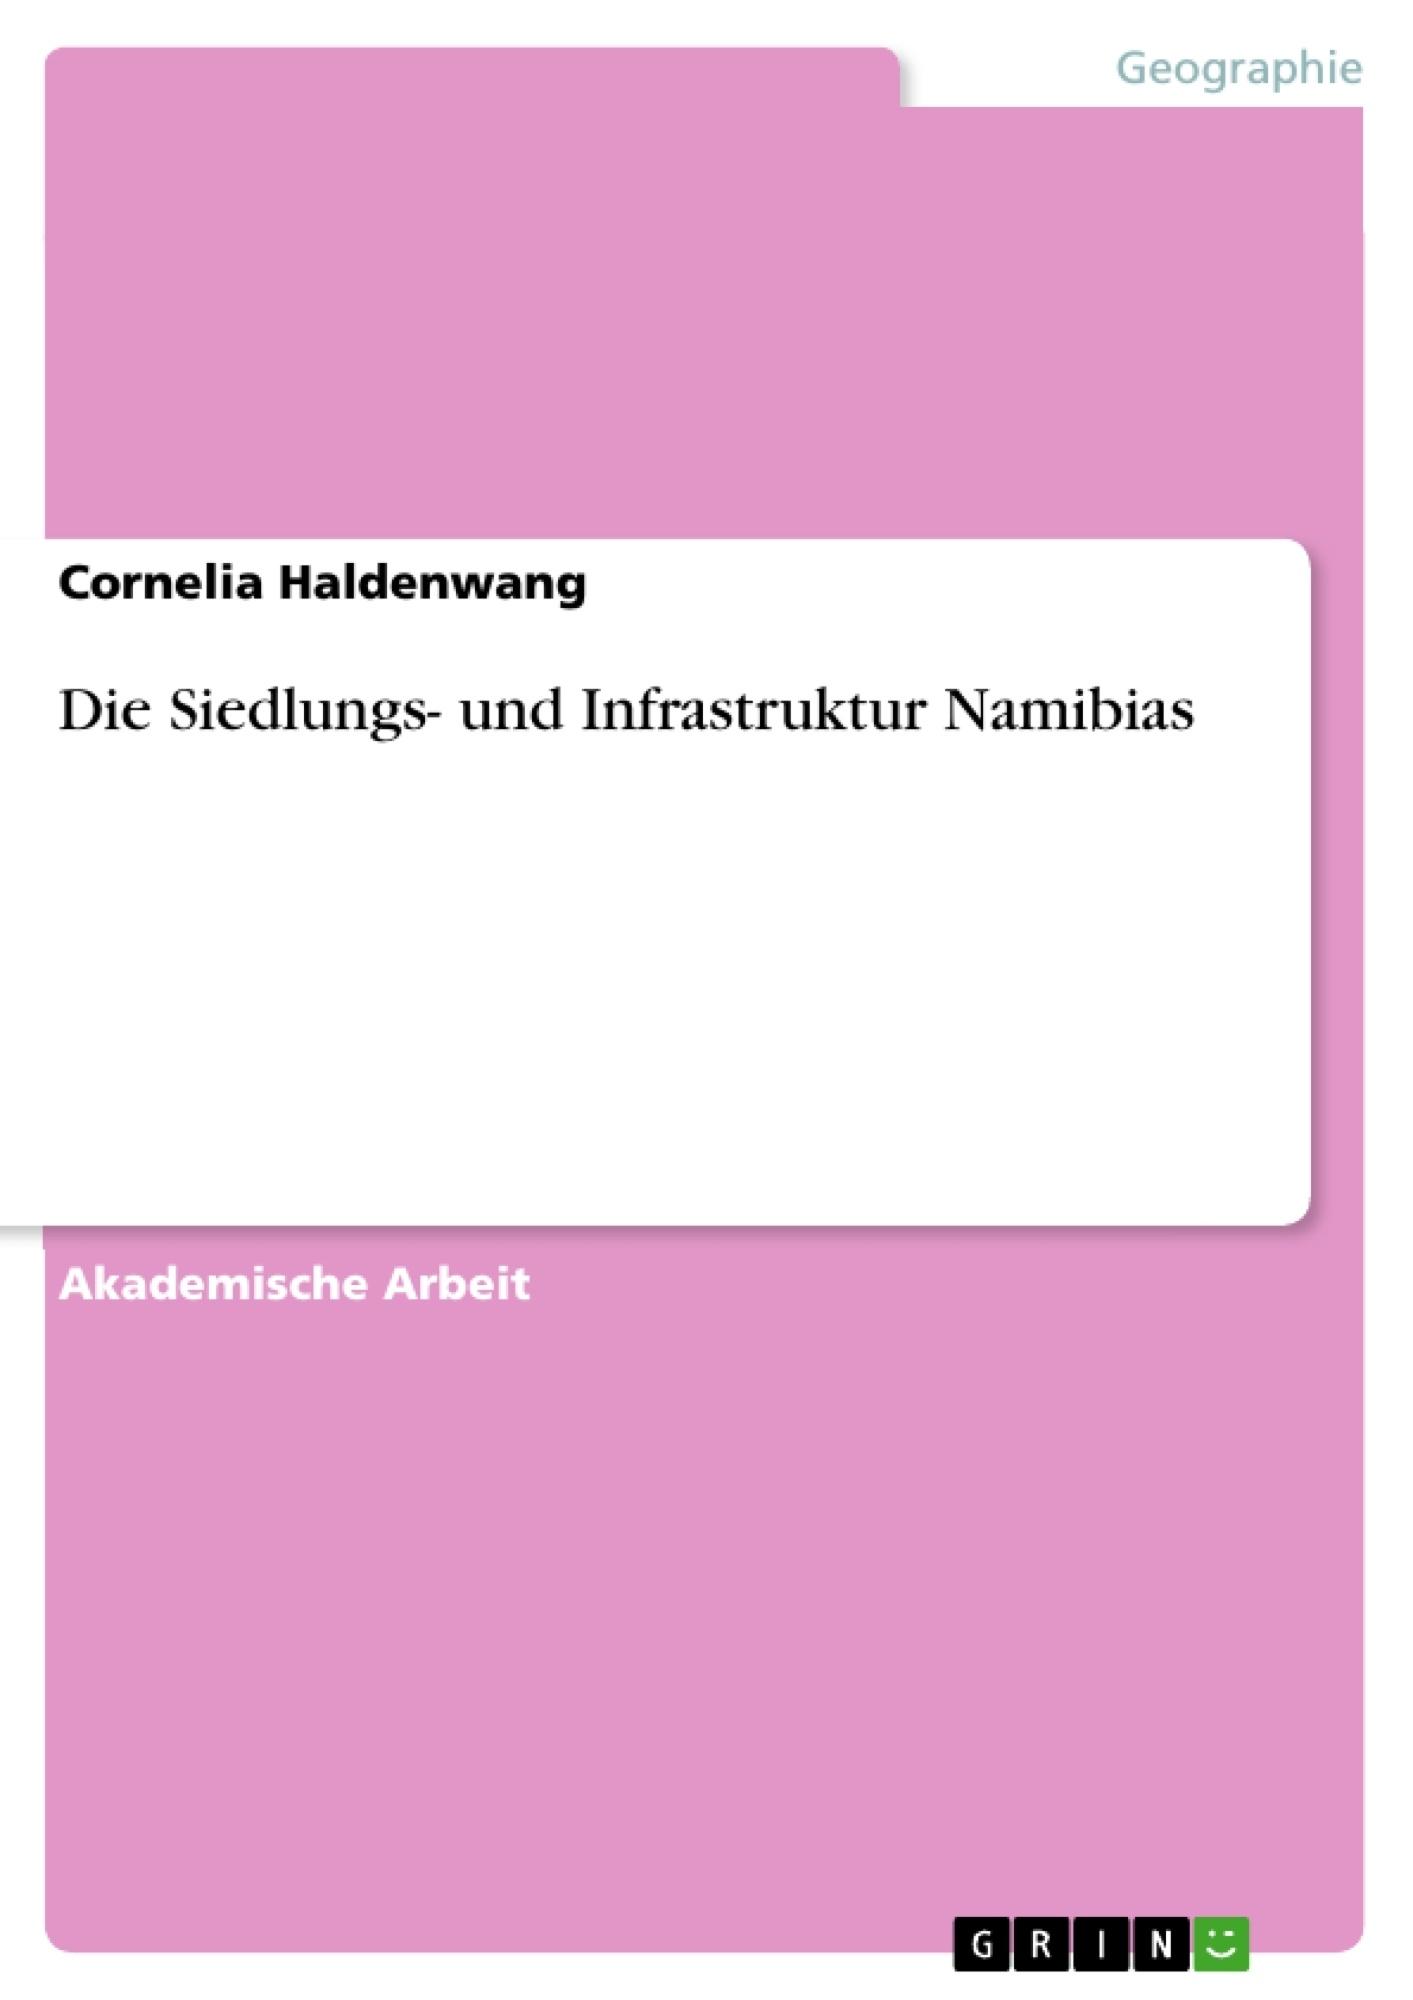 Titel: Die Siedlungs- und Infrastruktur Namibias